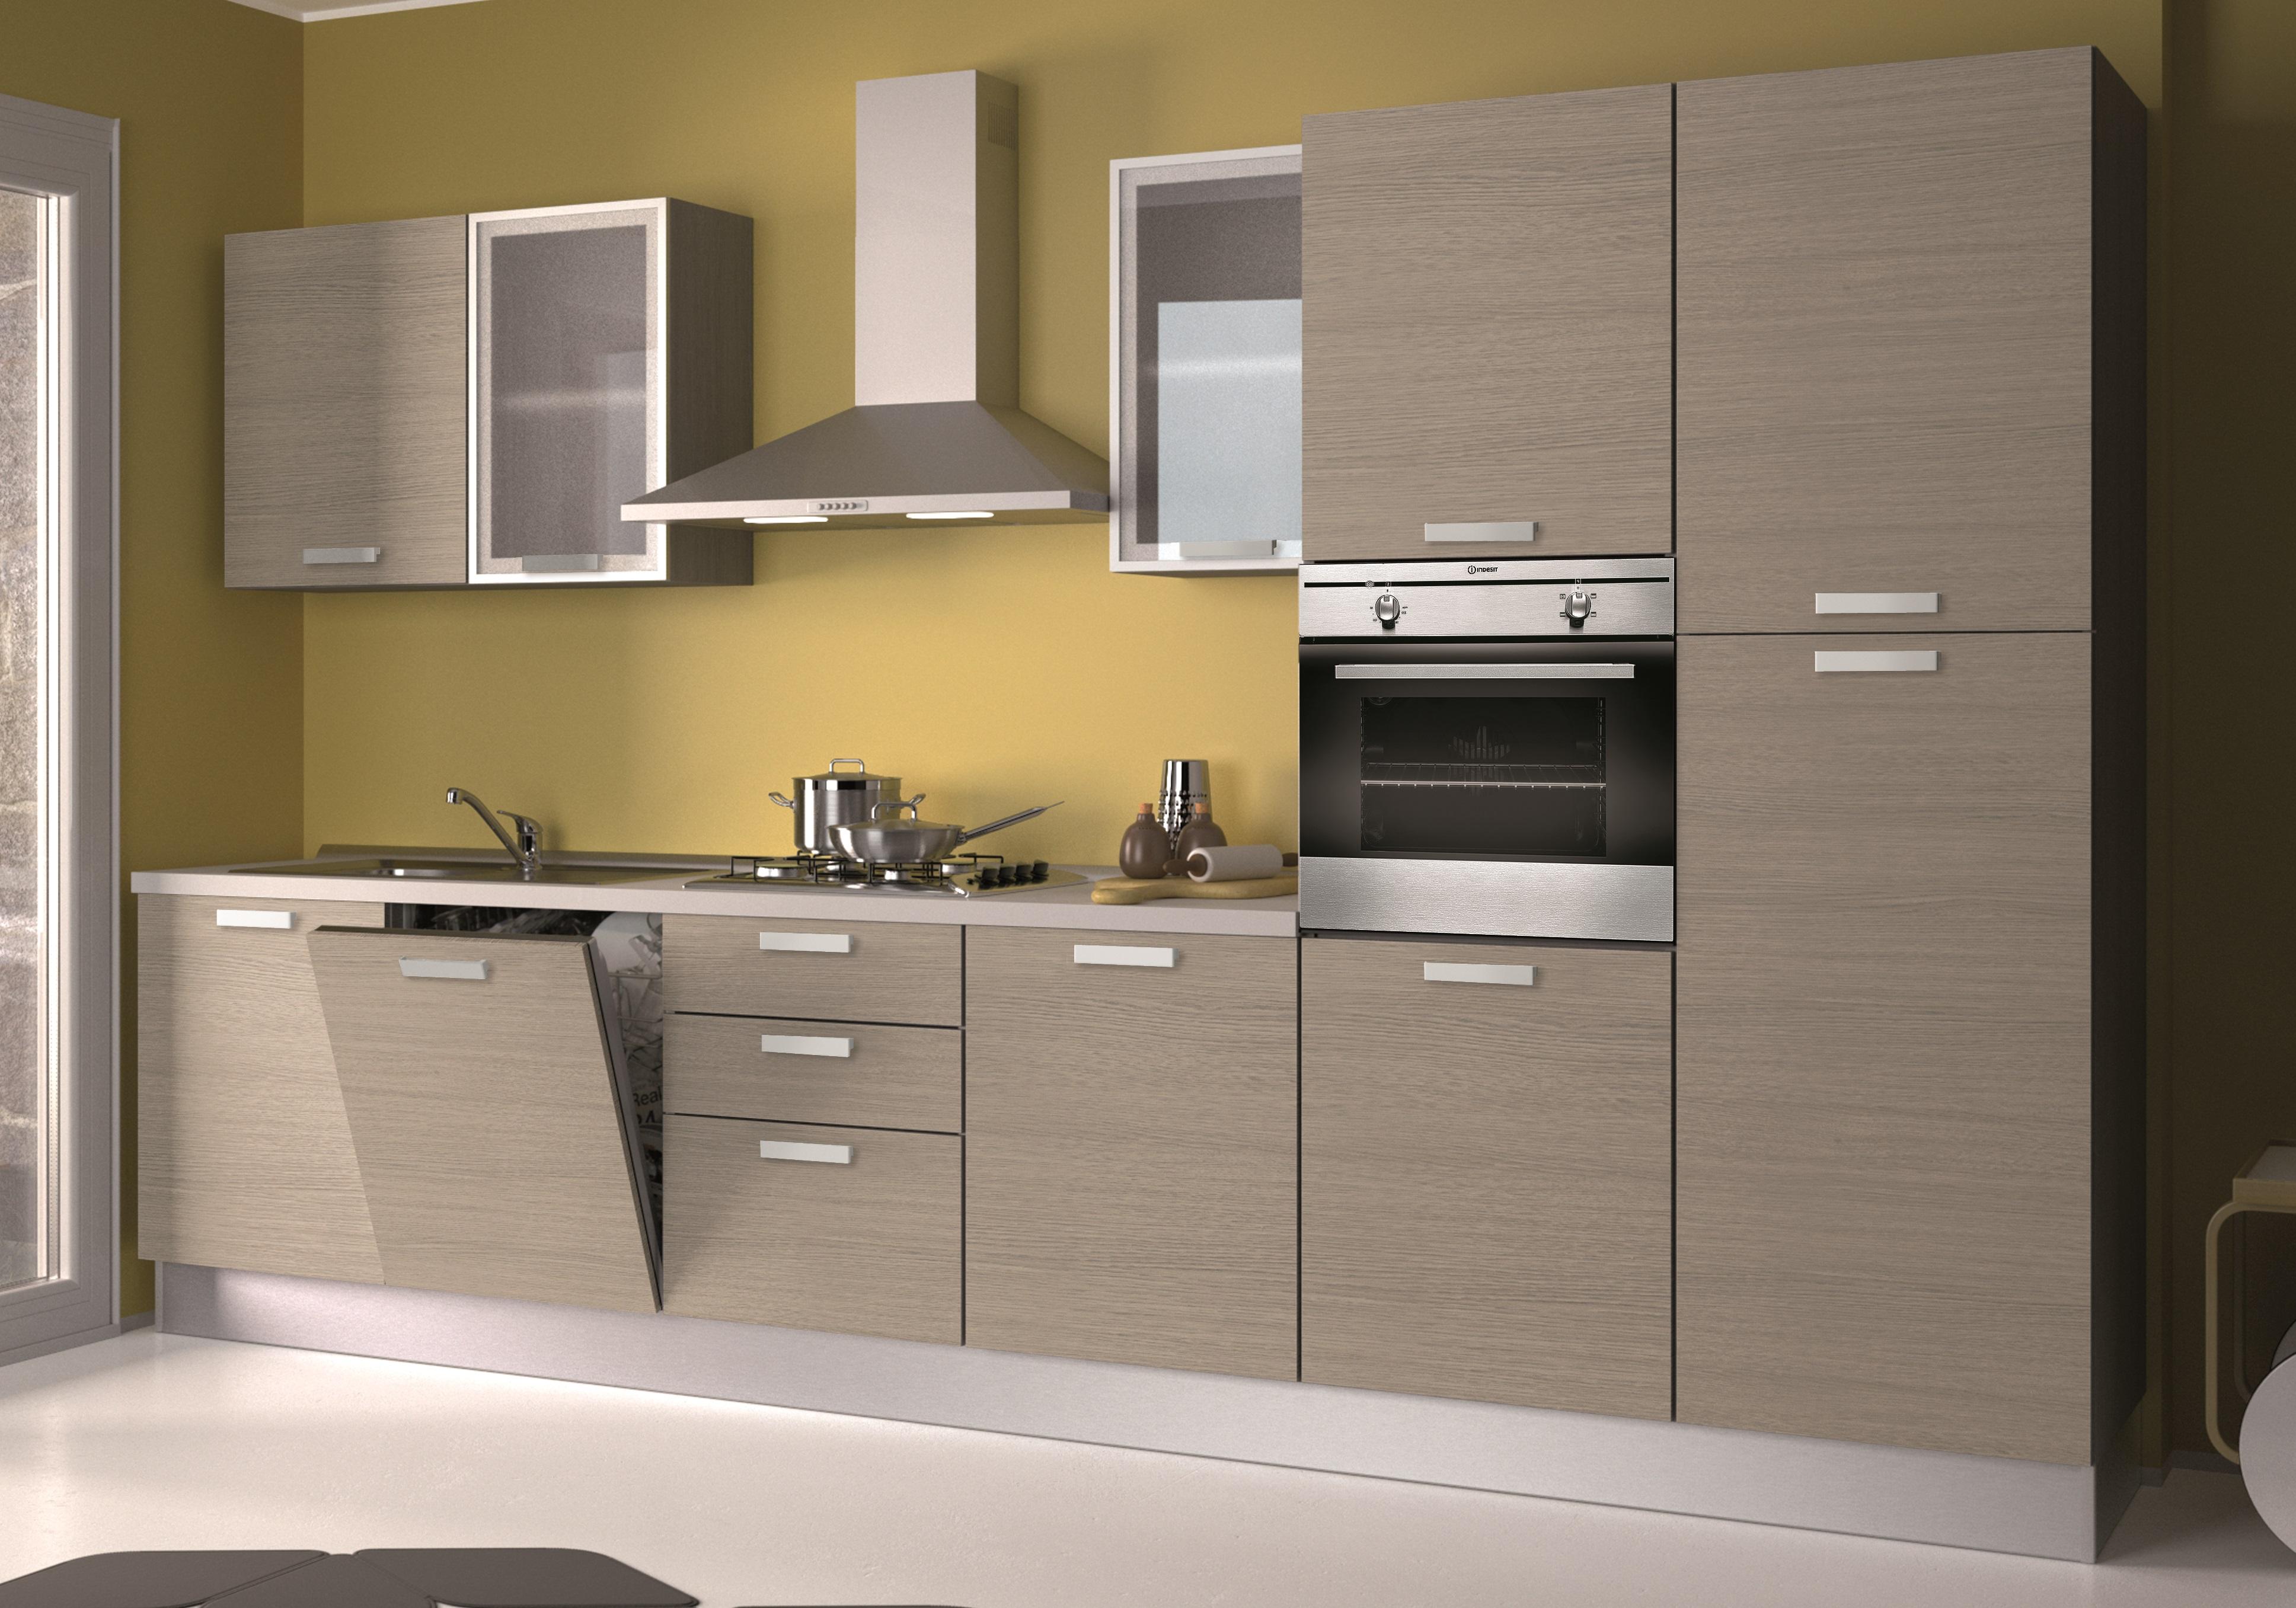 Promo 131l arredamenti centro cucine battistelli eric for Discount arredamenti